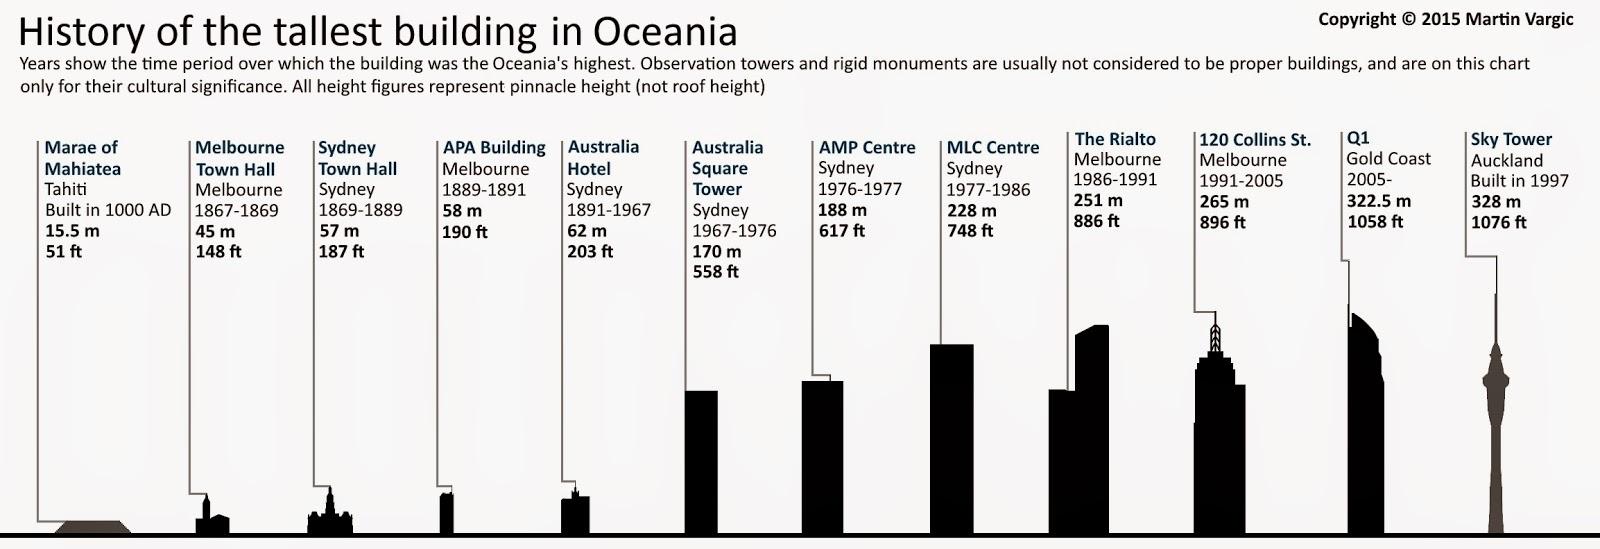 Las construcciones más altas de Oceanía. Las construcciones más altas del mundo